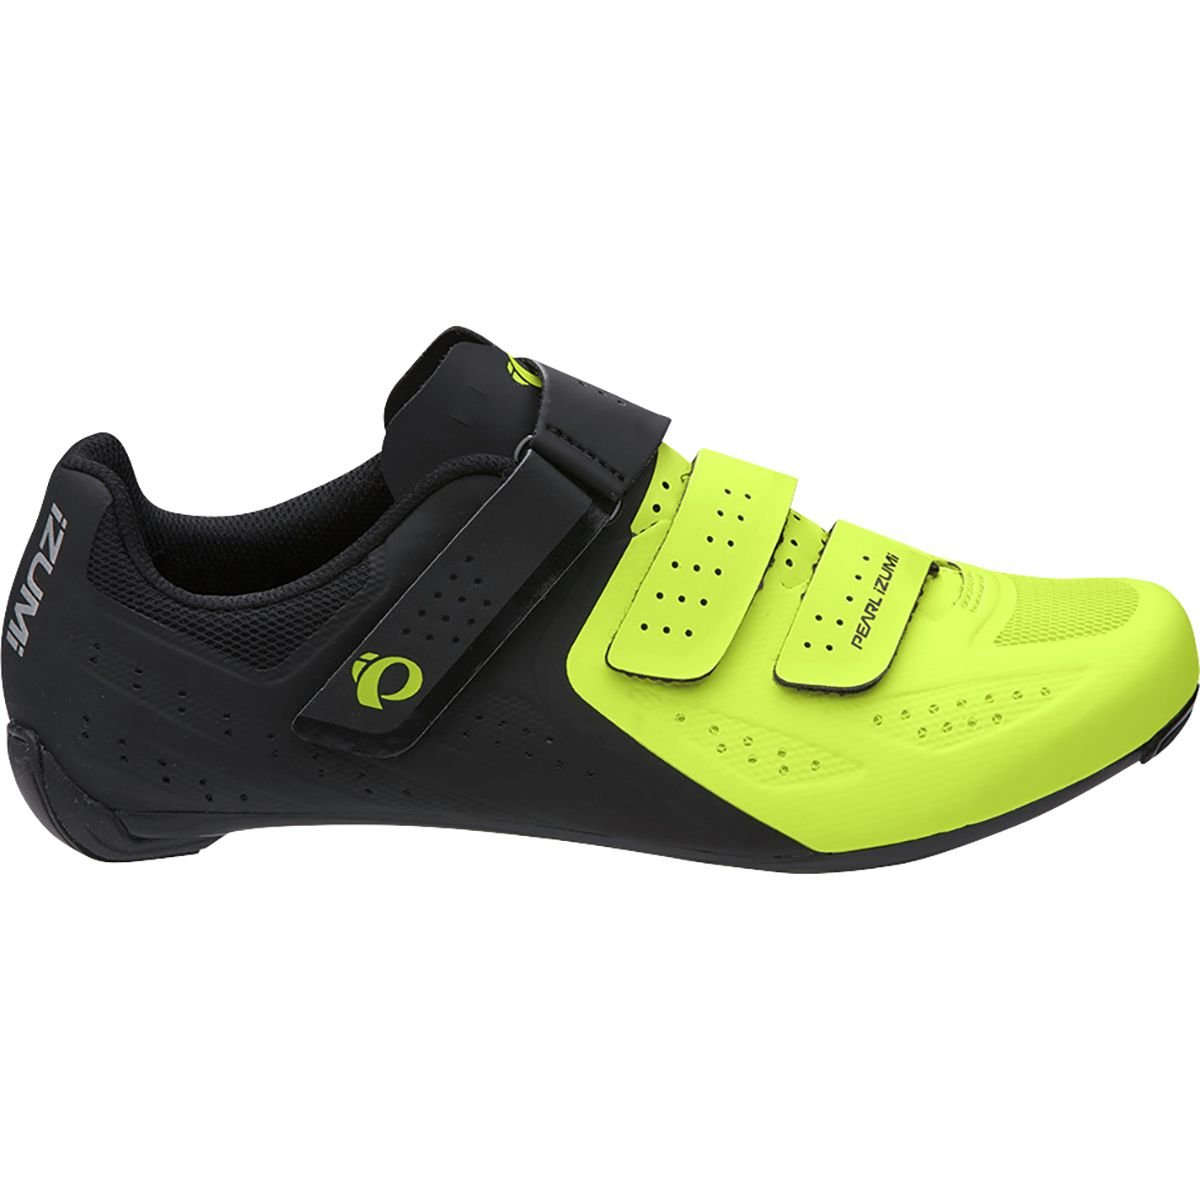 大人の上質  (パールイズミ) Pearl Izumi Select メンズ Road V5 Cycling Shoe [並行輸入品] メンズ (49) ロードバイクシューズBlack/Lime [並行輸入品] 日本サイズ 31cm (49) Black/Lime B07H58QWFM, 新冠町:dc4485ac --- by.specpricep.ru